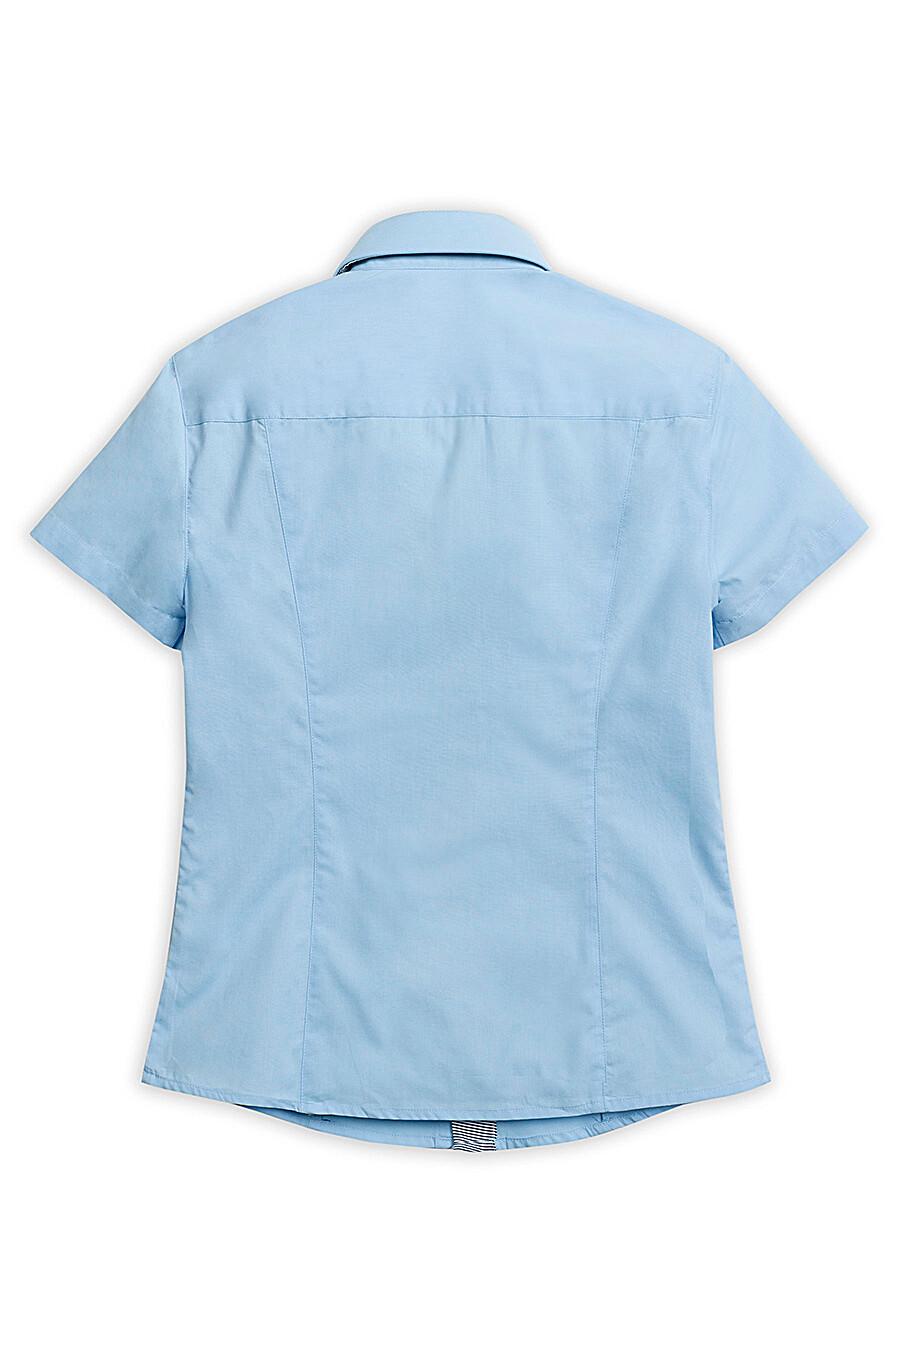 Сорочка для мальчиков PELICAN 218541 купить оптом от производителя. Совместная покупка детской одежды в OptMoyo